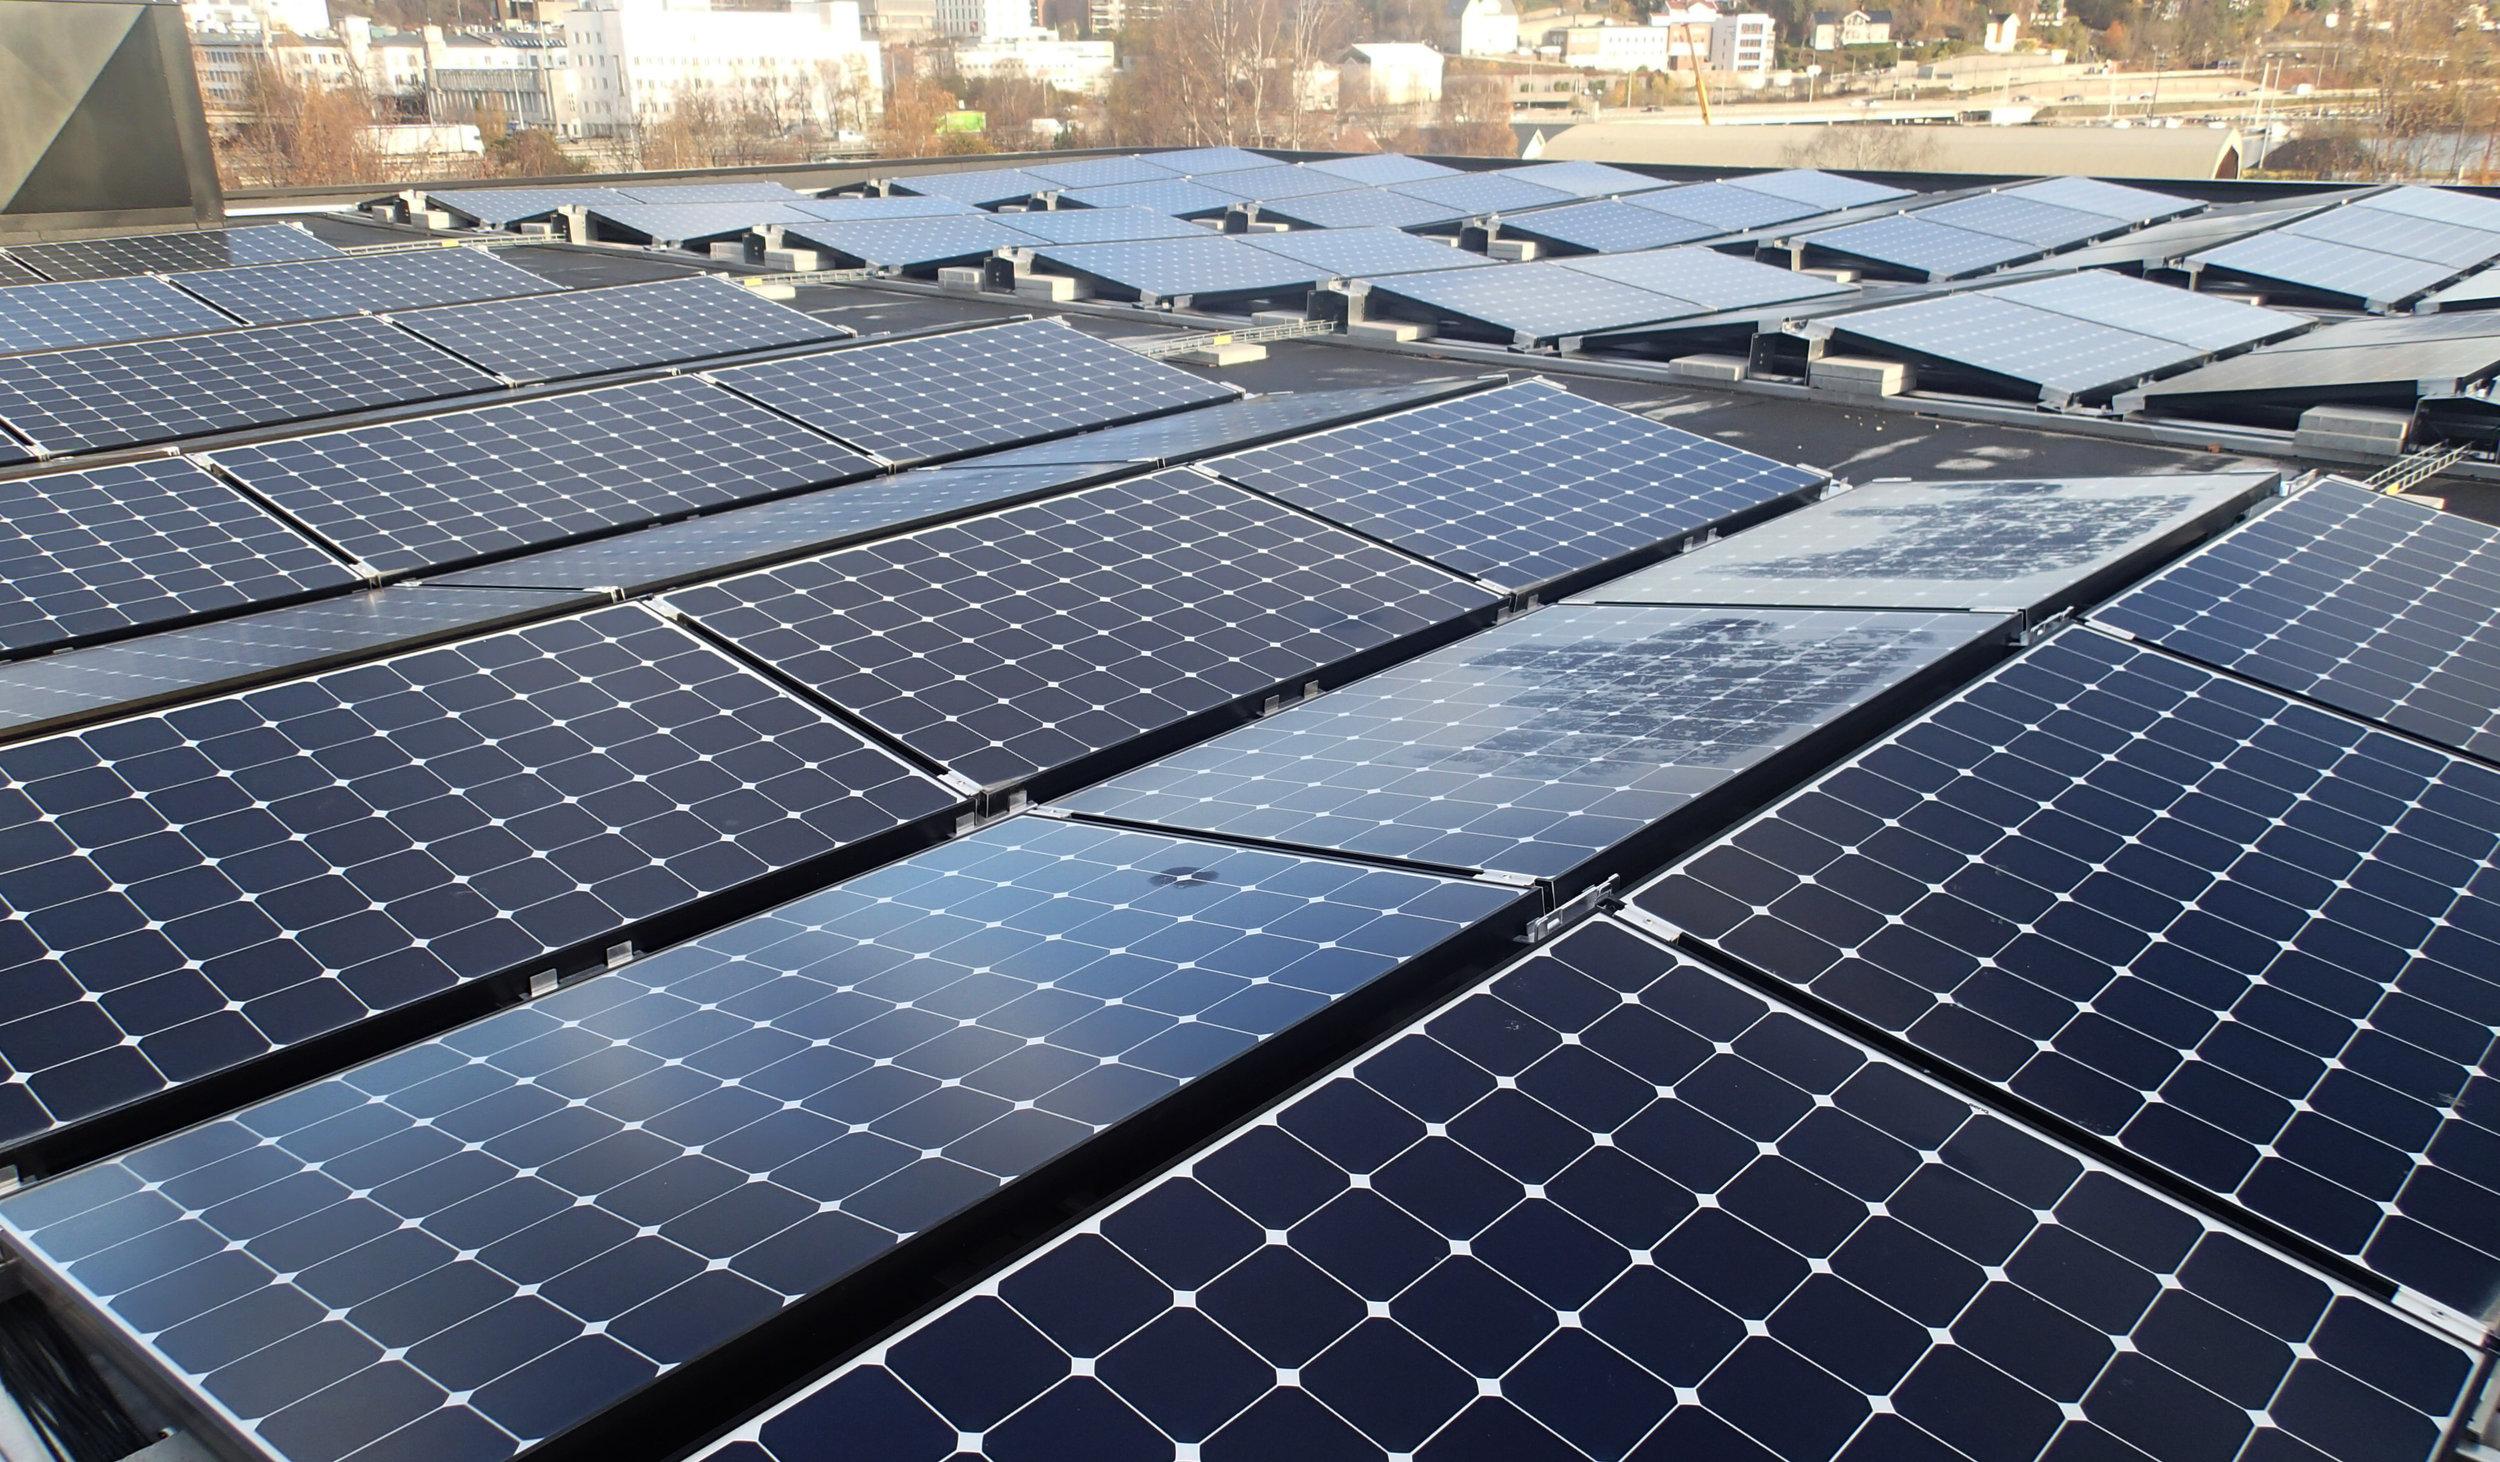 1560 m  2   med solcellepaneler dekker store deler av taket på Powerhouse og det tilhørende garasjeanlegget.